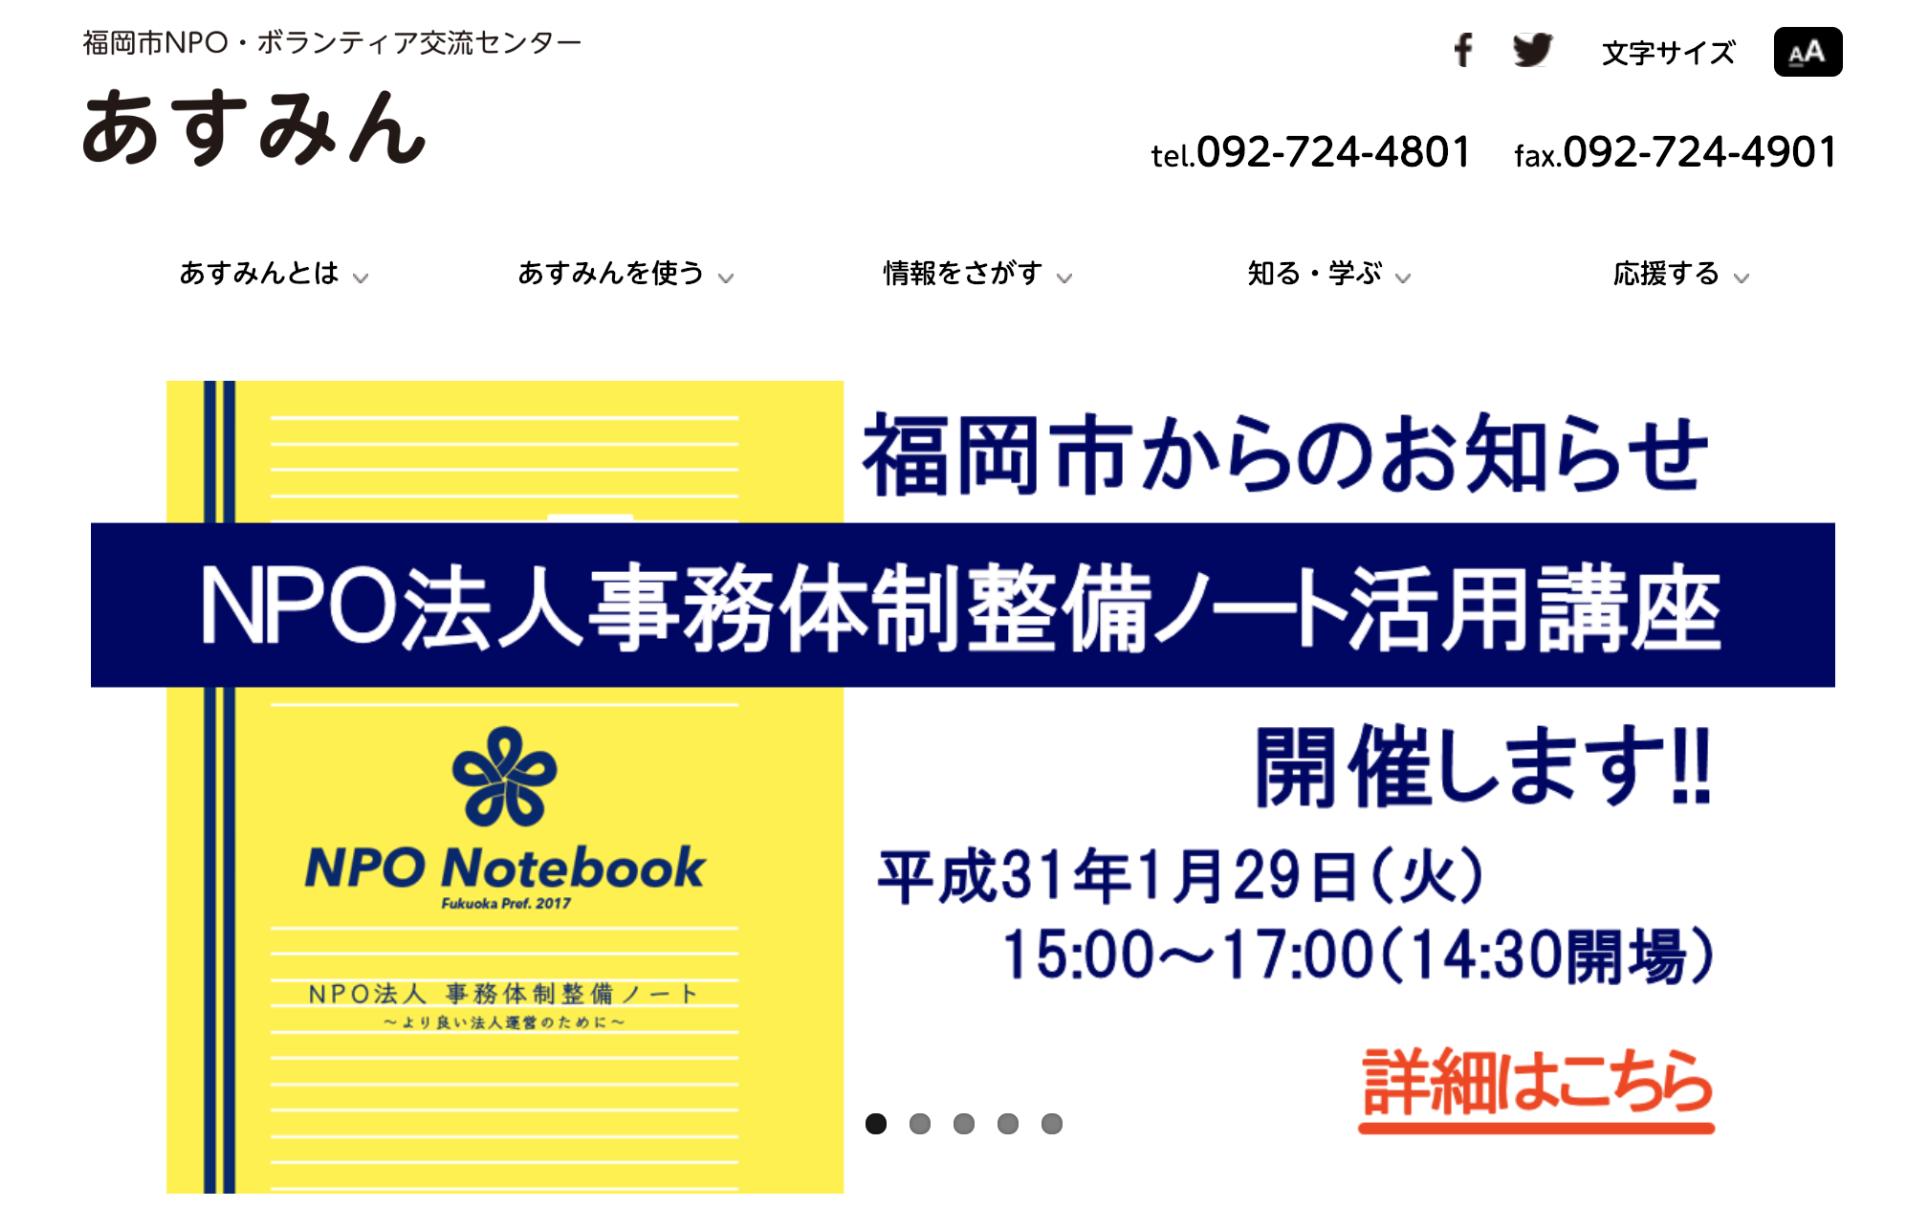 福岡市NPOボランティアセンターあすみん